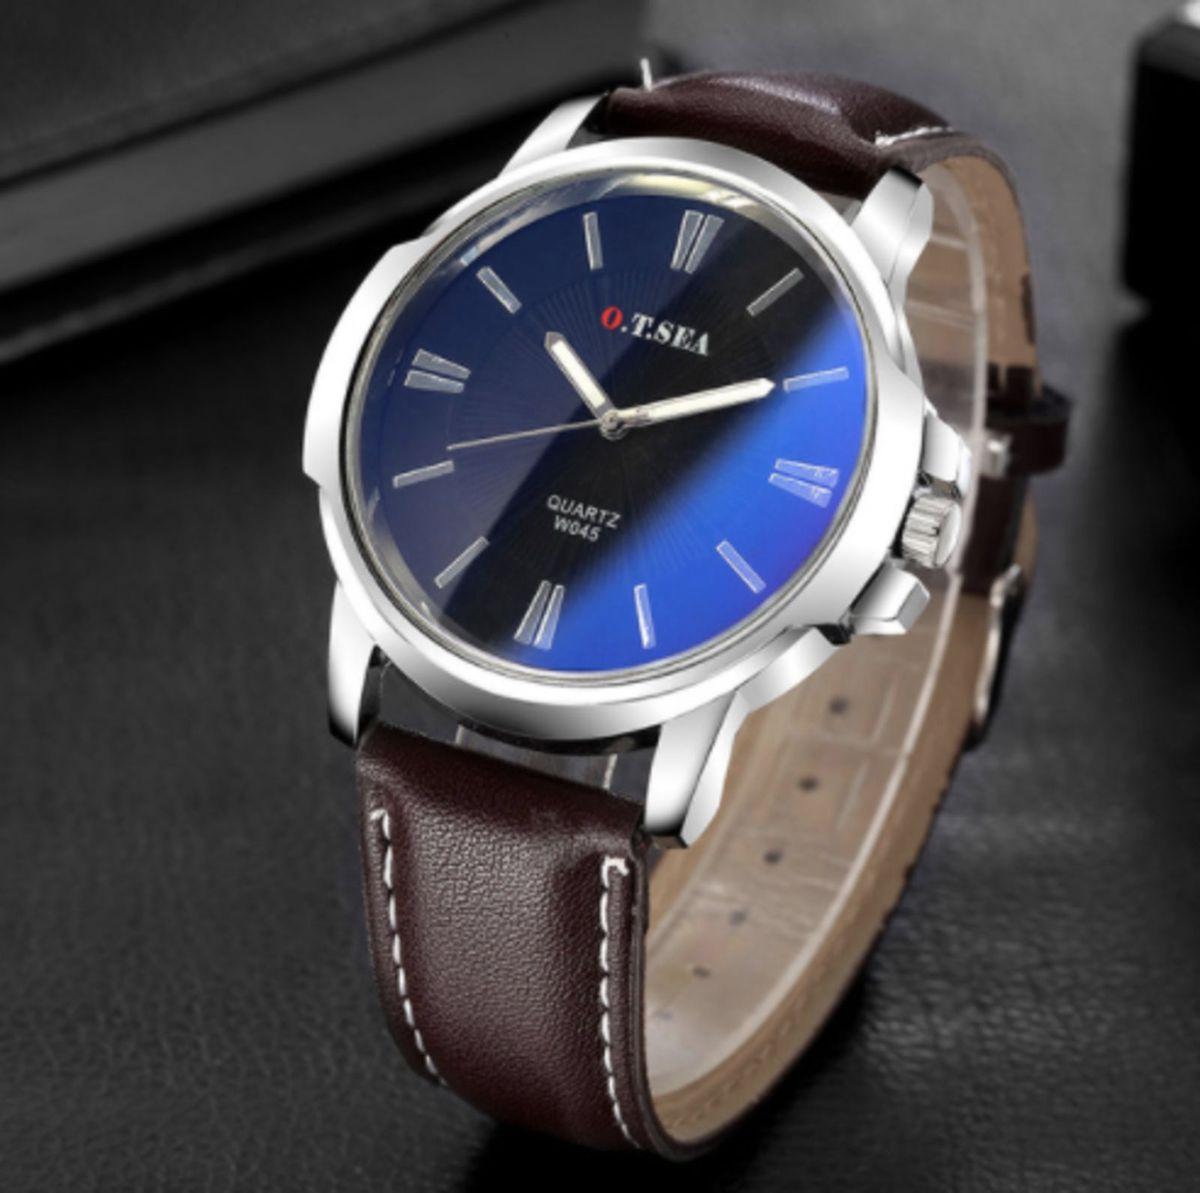 7d3fda17742 relógio pulso masculino top luxo marrom azul super promoção - relógios sem- marca